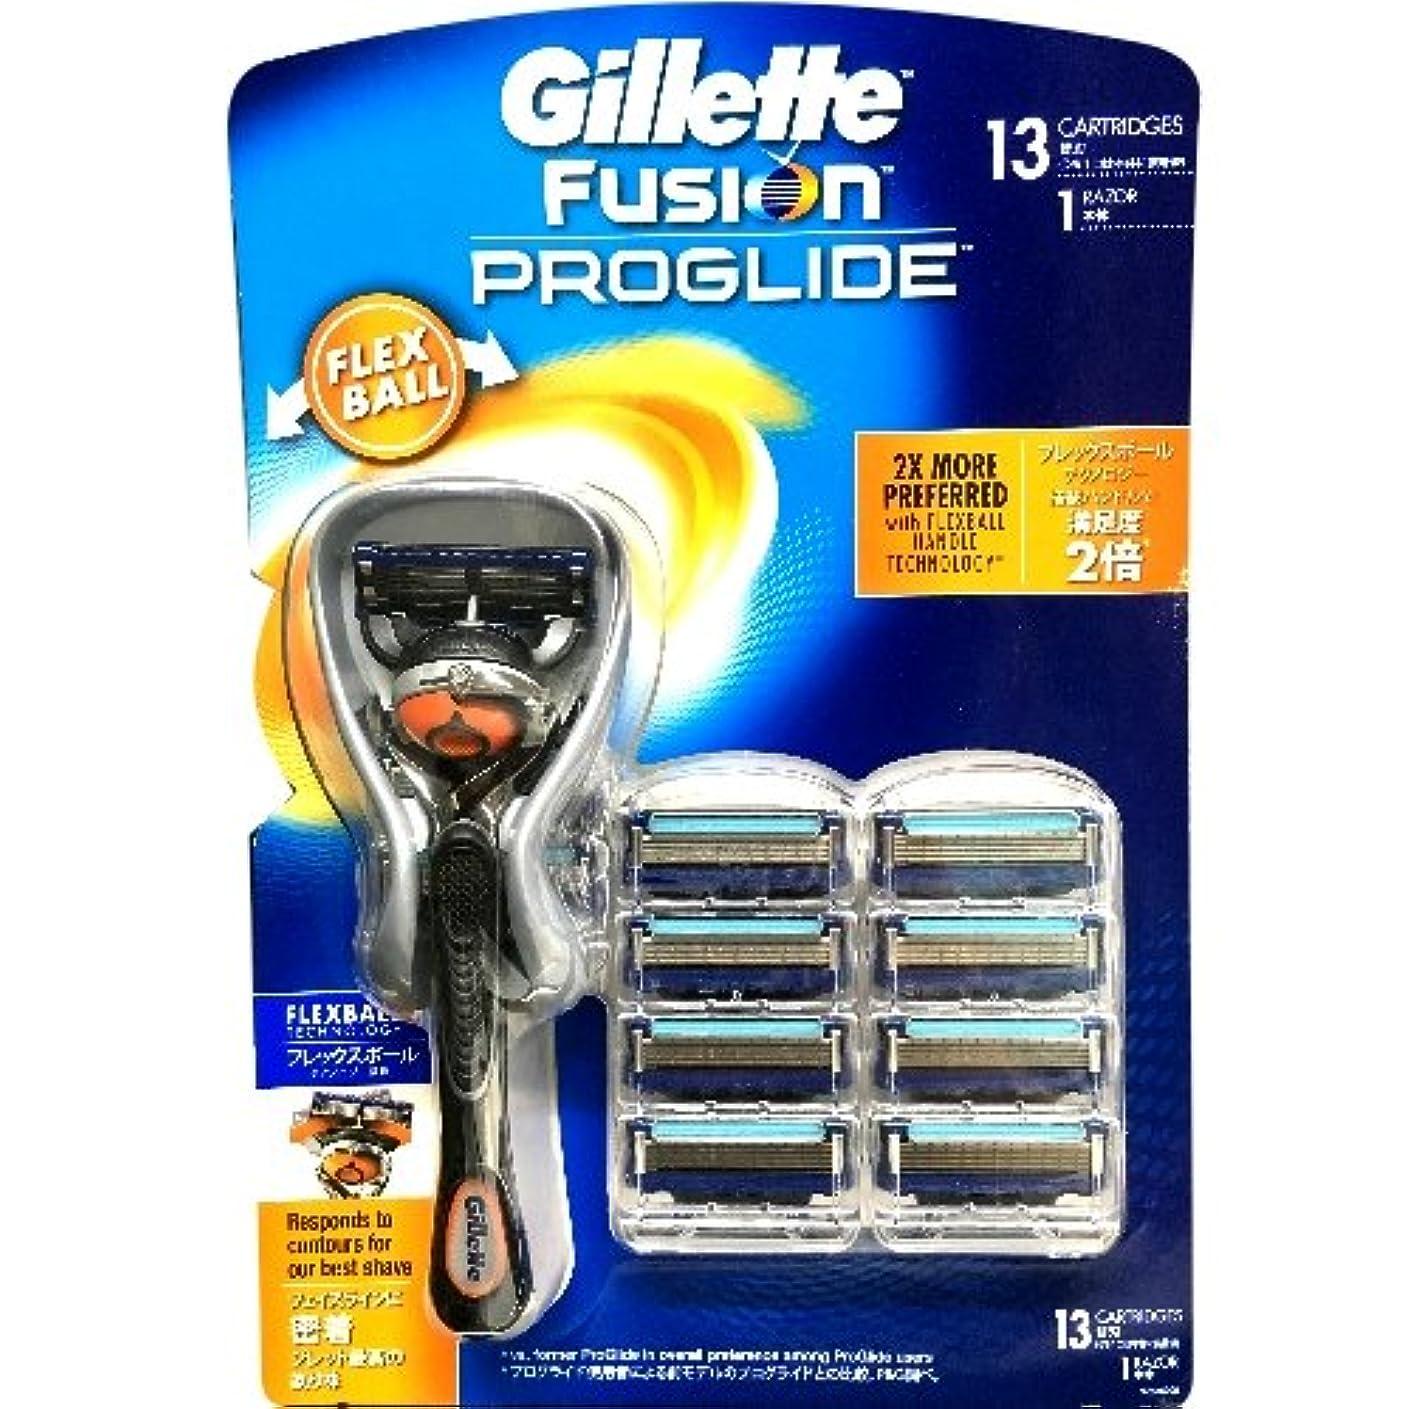 壮大呼び出す首尾一貫したGillette Fusion PROGLIDE ジレット フュージョン プログライド フレックスボール マニュアル ひげ剃り シェーピング 替刃13コ